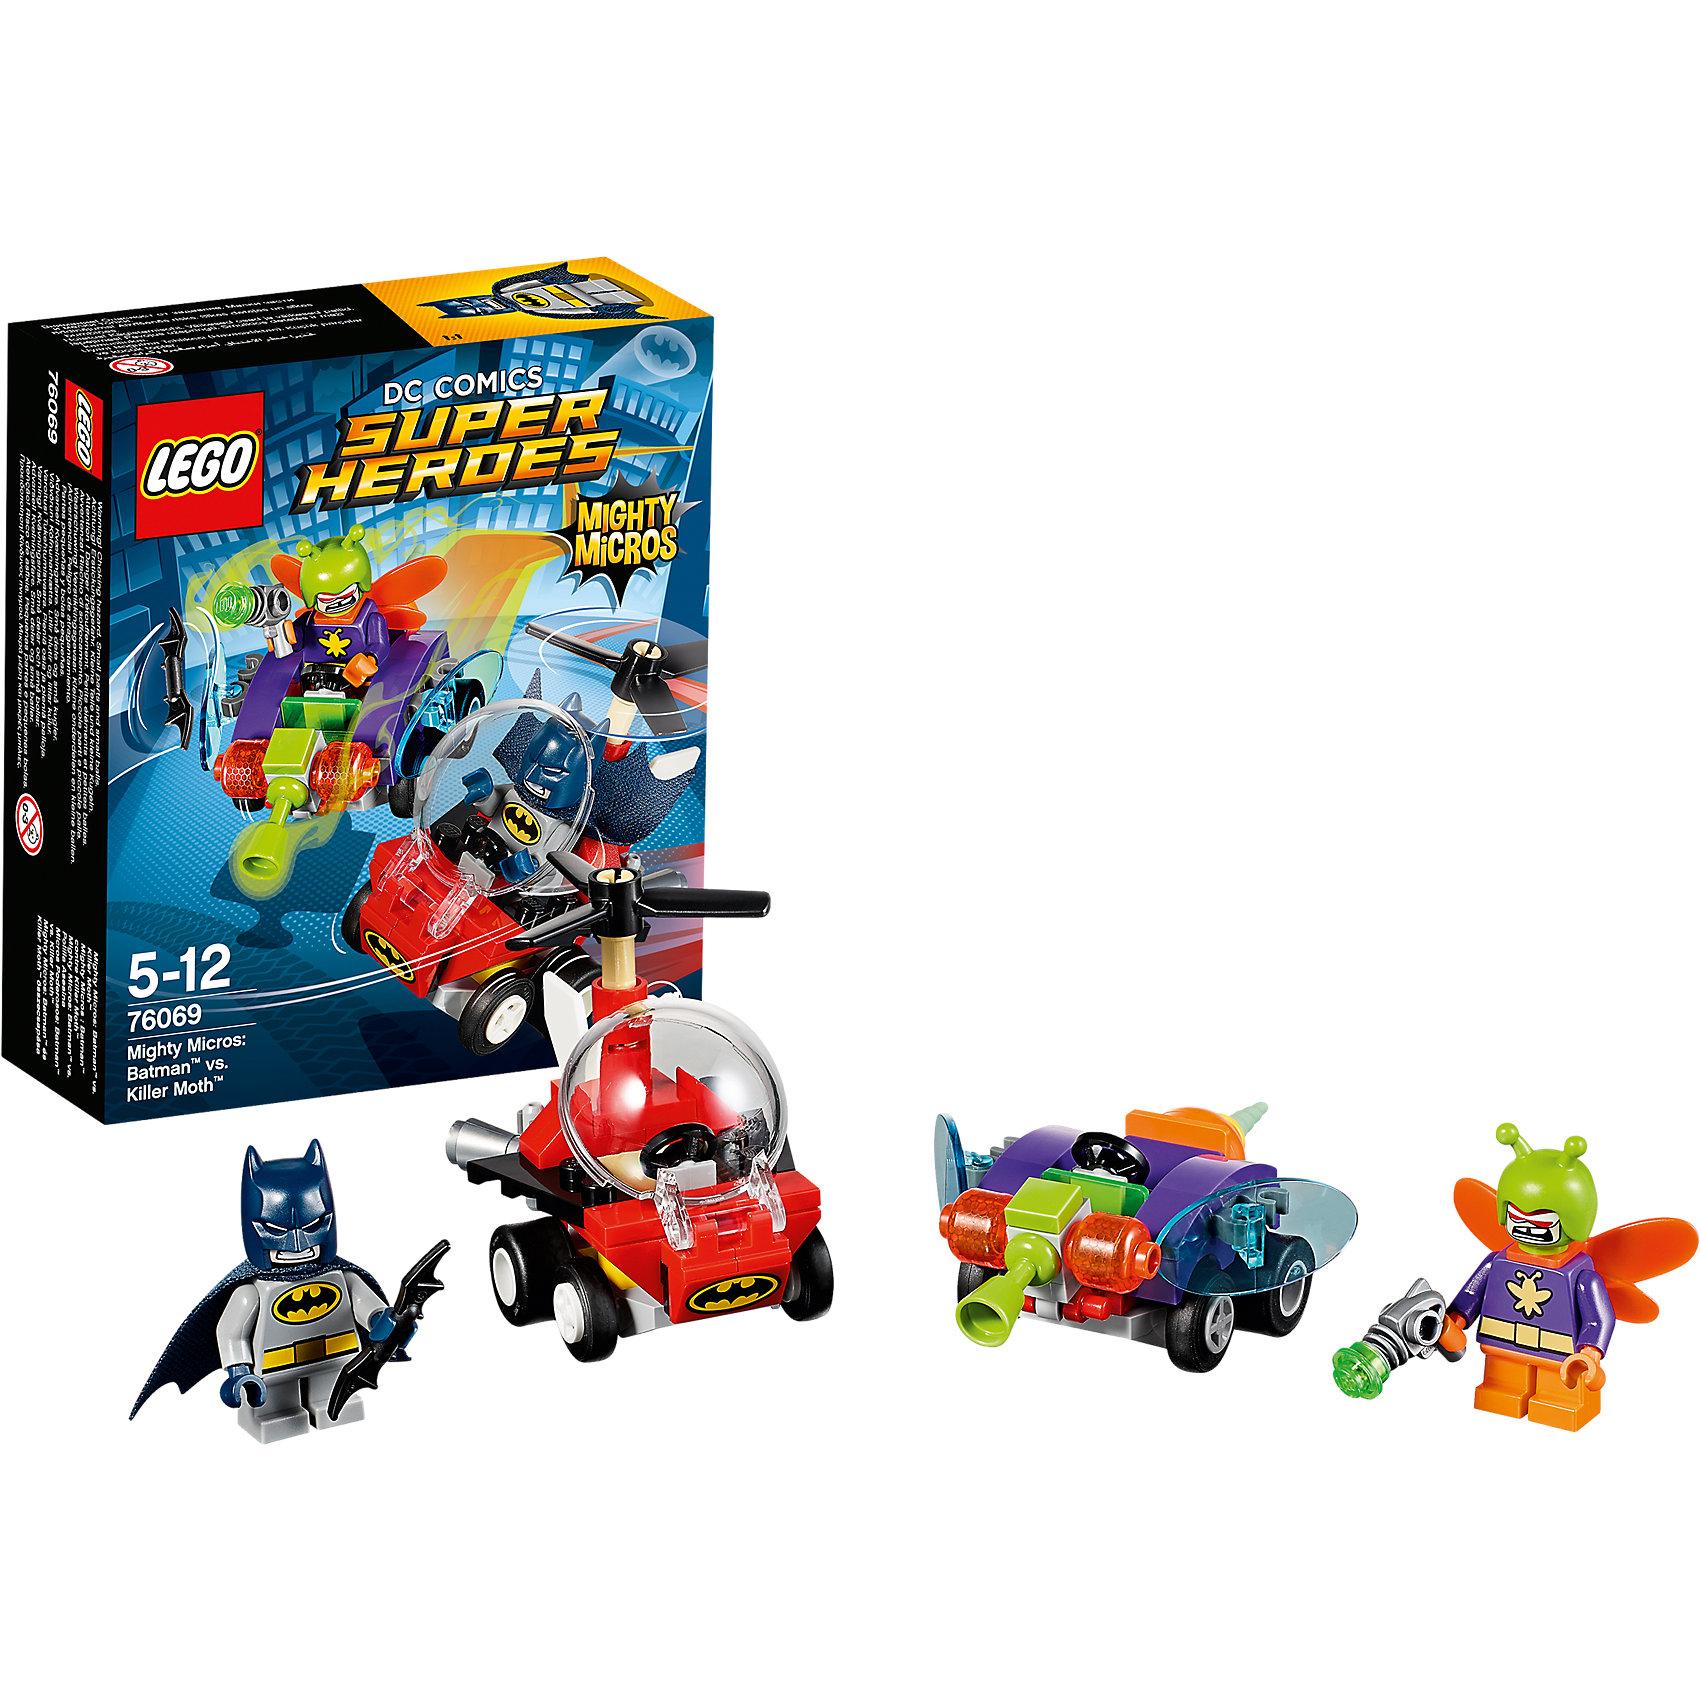 LEGO Super Heroes 76069: Mighty Micros: Бэтмен против Мотылька-убийцыПластмассовые конструкторы<br>LEGO Super Heroes 76069: Mighty Micros: Бэтмен против Мотылька-убийцы<br><br>Характеристики:<br><br>- в набор входит: детали двух транспортных средств, 2 минифигурки; аксессуары; инструкция по сборке<br>- минифигурки набора: Бэтмен, Мотылек-убийца<br>- состав: пластик<br>- количество деталей: 83 <br>- размер вертолета Бэтмена: 6 * 4 * 6 см.<br>- размер машины Мотылька-убийцы: 6 * 4 * 6см.<br>- для детей в возрасте: от 5 до 12 лет<br>- Страна производитель: Дания/Китай/Чехия<br><br>Легендарный конструктор LEGO (ЛЕГО) представляет серию «Super Heroes» (Супер герои) по сюжетам фильмов и мультфильмов о супергероях. Этот набор понравится любителям комиксов DC, мультфильмов и фильмов о Бэтмене. <br><br>Фигурки набора выглядят ярко, очень качественно проработаны, в их разработке были использованы уникальные детали не встречающиеся в других наборах. В своем противостоянии соперники сели за руль машин, создав невероятные сцены погони и битвы. Бетмэен сел за штурвал своего Бэт-вертолета, который может передвигаться по земле, развивая высокую скорость, благодаря могучим турбинам. Кабина вертолета открывается и защищает пилота от потоков воздуха. <br><br>Злодей Мотылек-убийца сел за руль своего мухомобиля, он вооружен опасным бластером. Бэтмен приготовил ему сюрприз в виде бетаранга. Помоги Бэтмену одержать верх над Мотыльком-убийцей! Играя с конструктором ребенок развивает моторику рук, воображение и логическое мышление, научится собирать по инструкции и создавать свои модели. Придумывайте новые истории любимых героев с набором LEGO «Super Heroes»!<br><br>Конструктор LEGO Super Heroes 76069: Mighty Micros: Бэтмен против Мотылька-убийцы можно купить в нашем интернет-магазине.<br><br>Ширина мм: 145<br>Глубина мм: 121<br>Высота мм: 50<br>Вес г: 94<br>Возраст от месяцев: 60<br>Возраст до месяцев: 144<br>Пол: Мужской<br>Возраст: Детский<br>SKU: 5002443